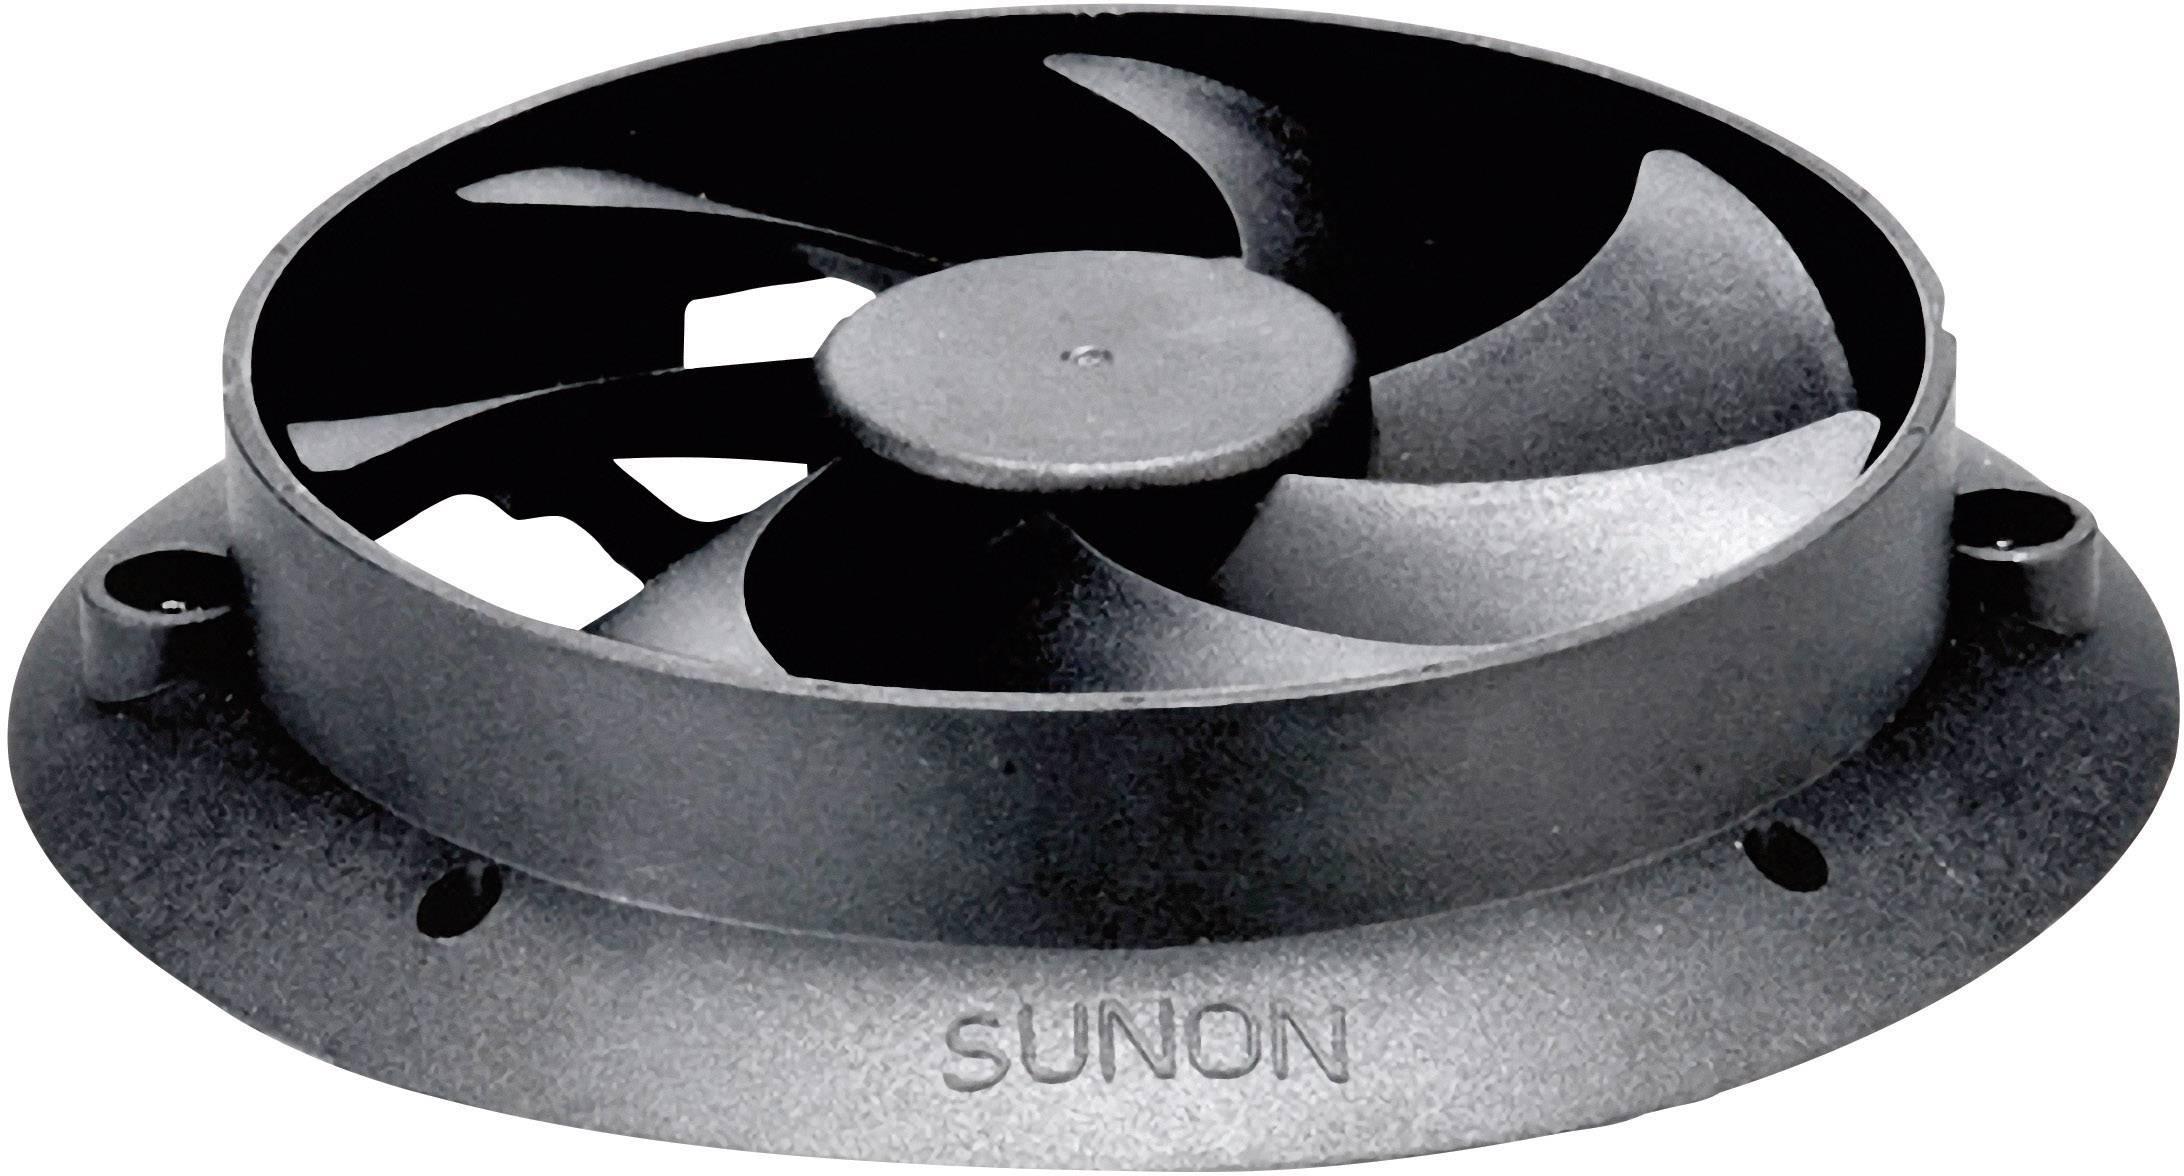 Axiálny ventilátor Sunon HA60151V3-E01U-A99 HA60151V3-E01U-A99, 12 V/DC, 16.1 dB, (Ø x v) 84.9 mm x 15.4 mm